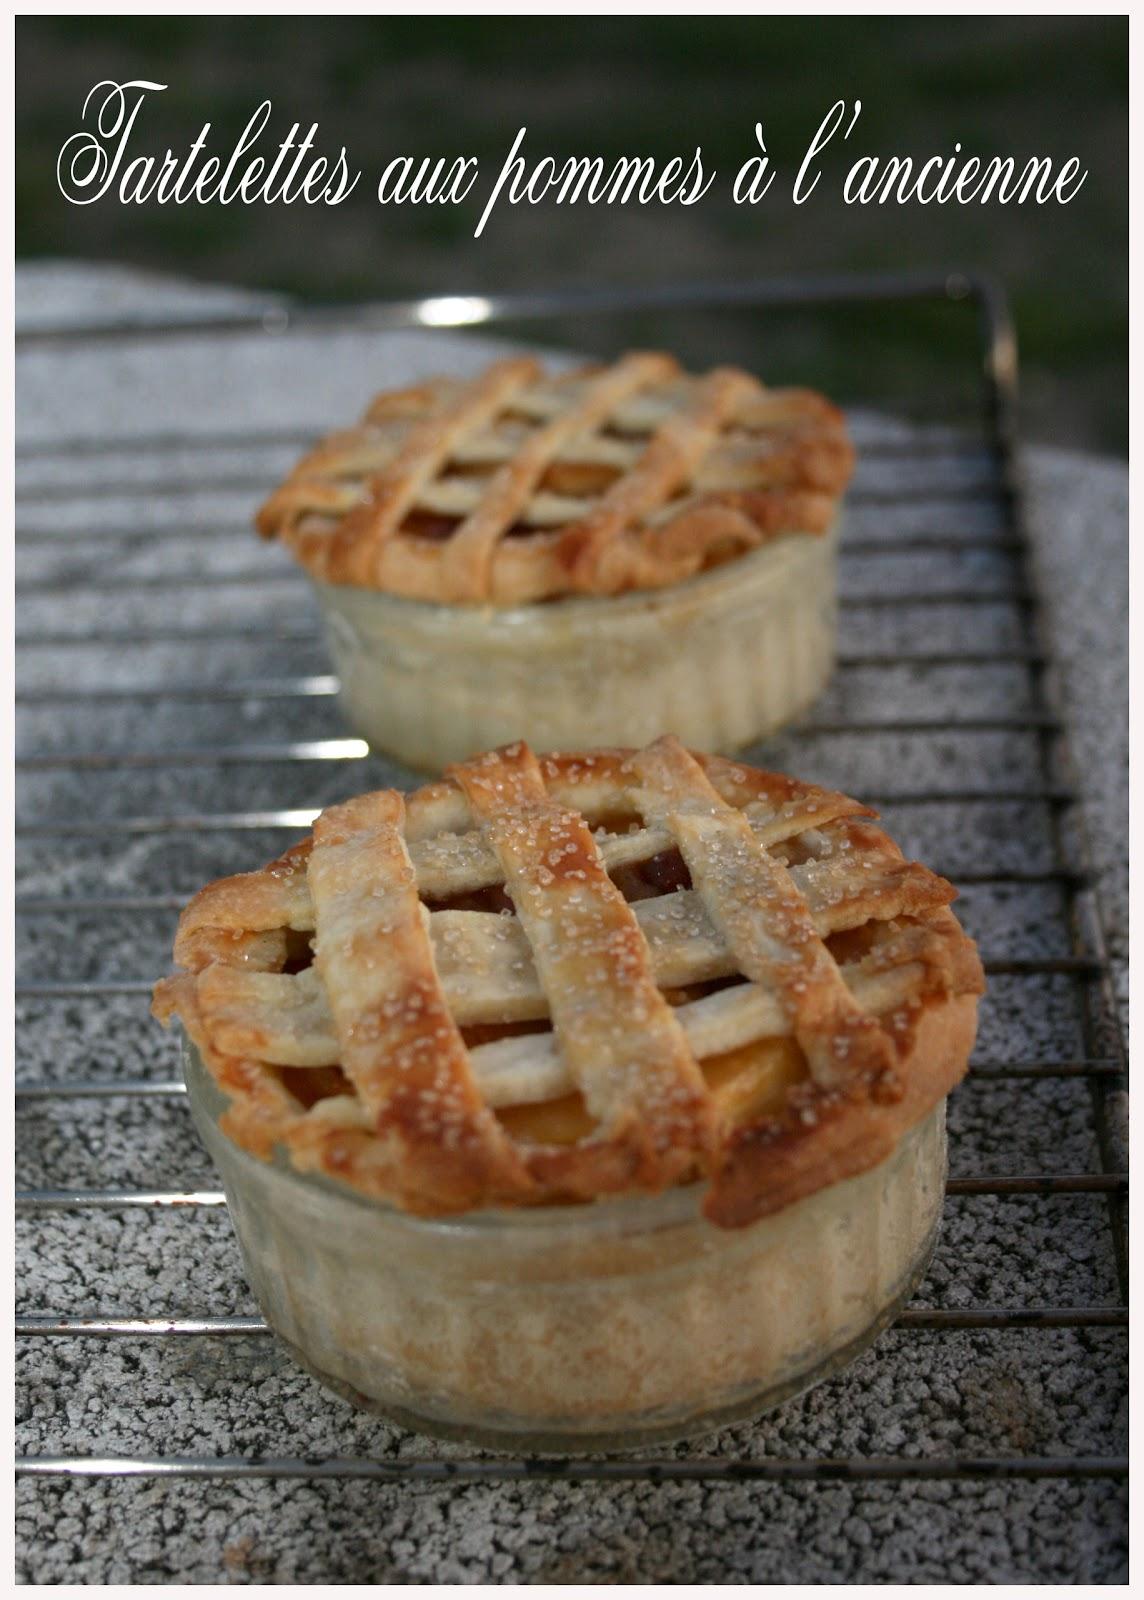 Tartelettes aux pommes l 39 ancienne croquez craquez - Tarte aux pommes compote maison ...